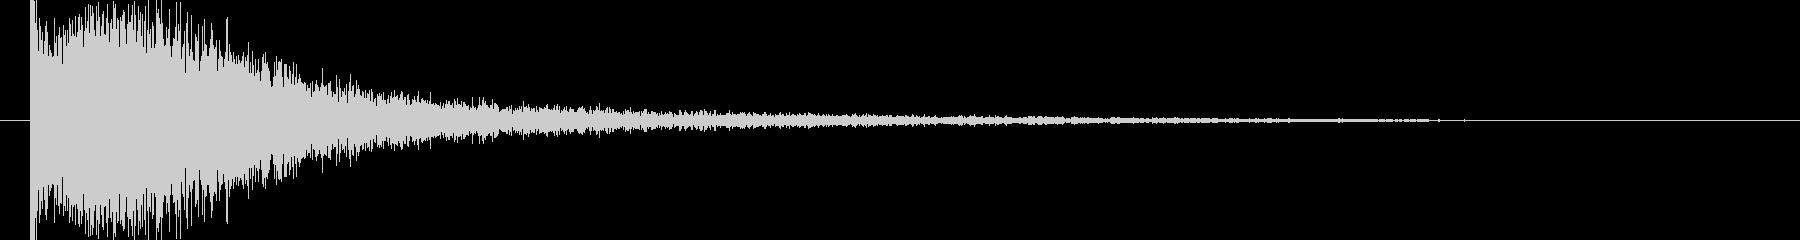 映画告知音42 ドーンの未再生の波形